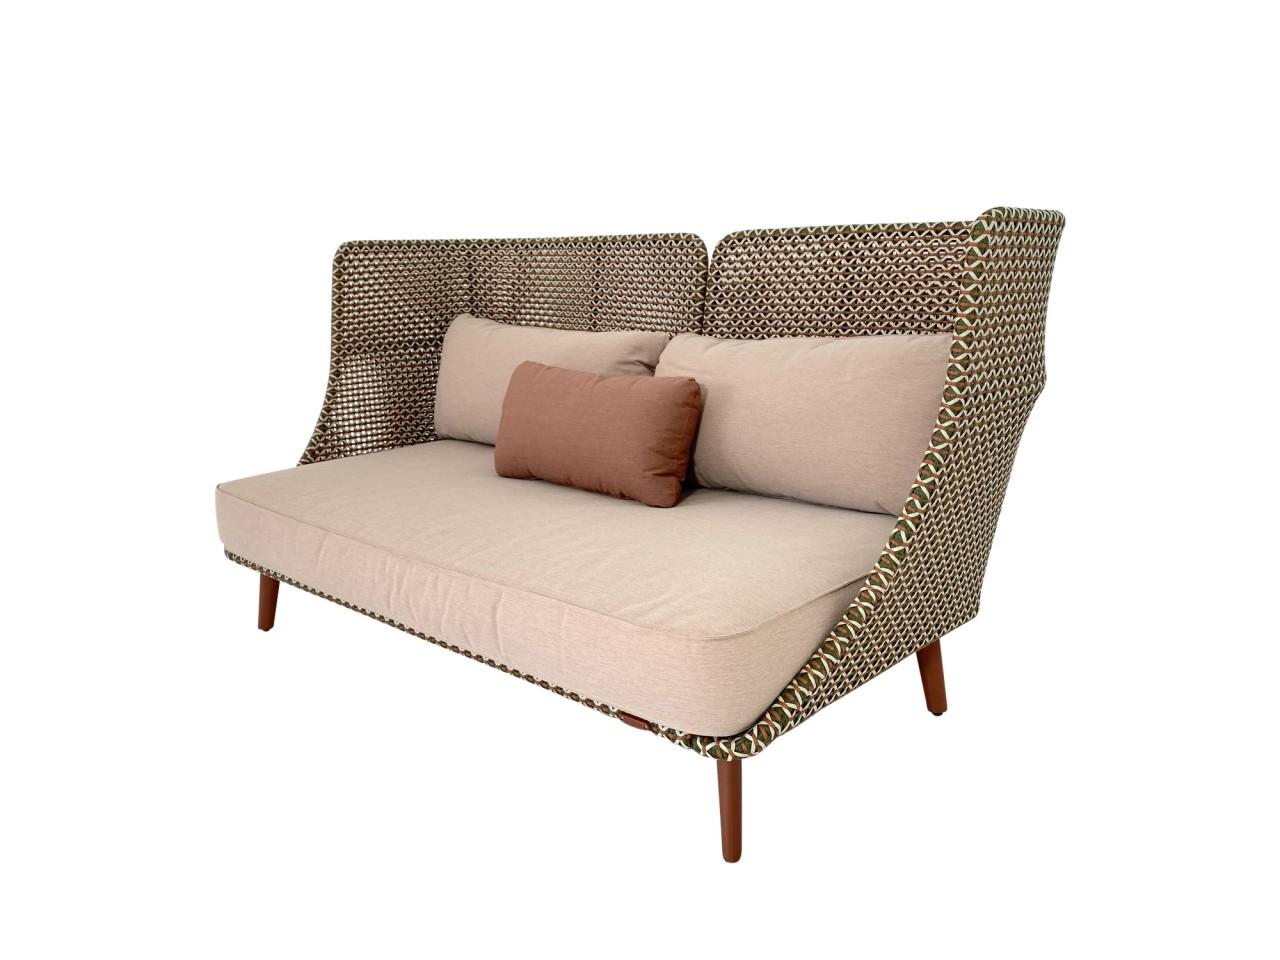 DEDON MBARQ Sofa mit hoher Rückenlehne in chestnut mit Kissenset in terracotta sowie Zusatzkissen